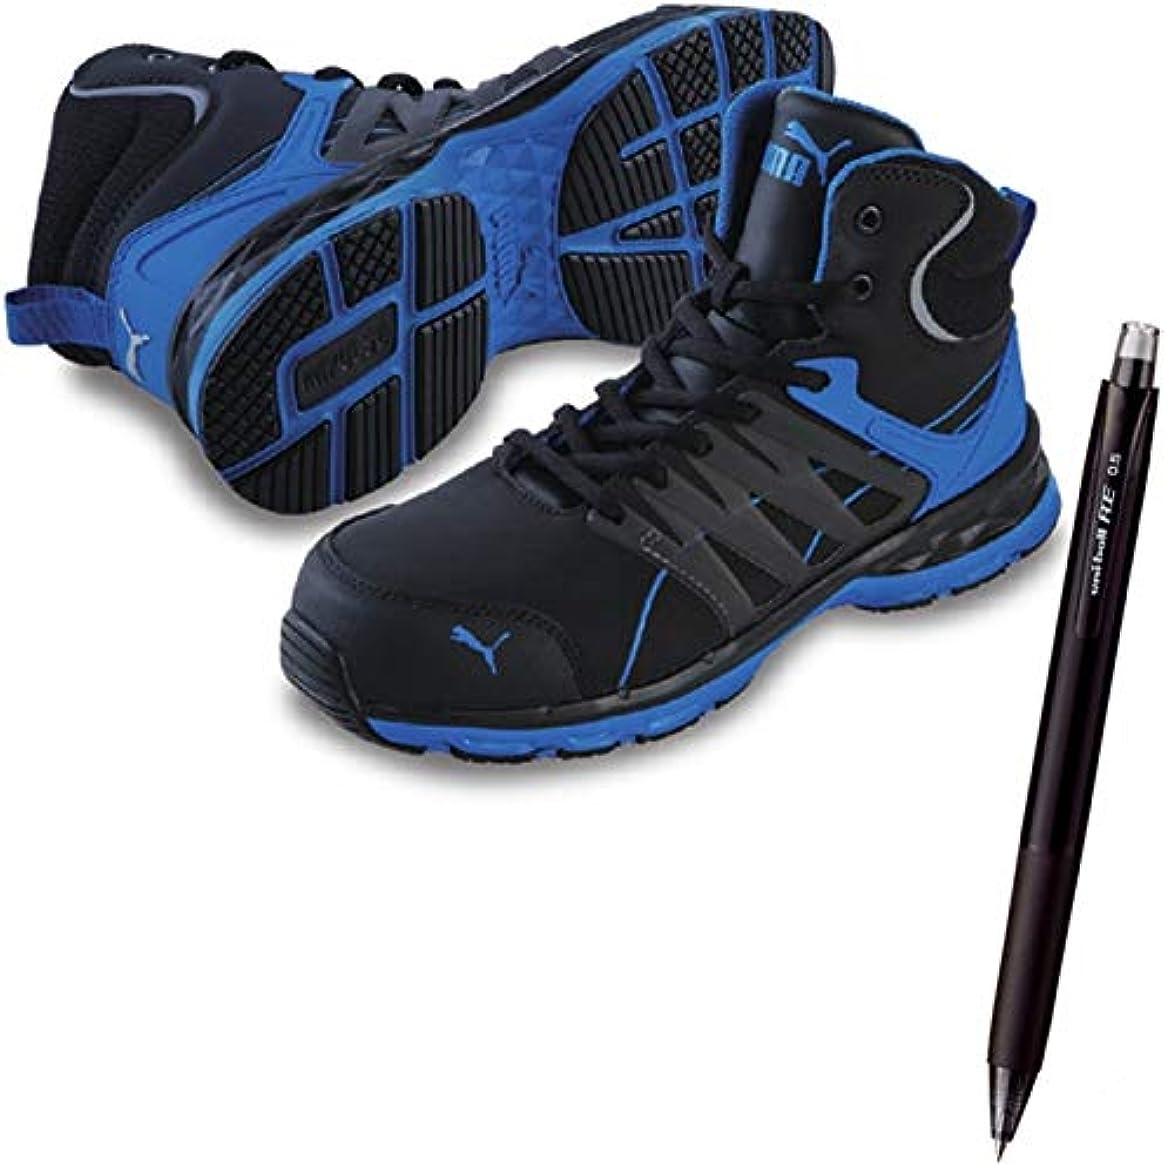 ルーキー濃度独立してPUMA(プーマ) 安全靴 作業靴 ヴェロシティ 26.5cm ブルー ミッド 消せるボールペン付きセット 63.341.0